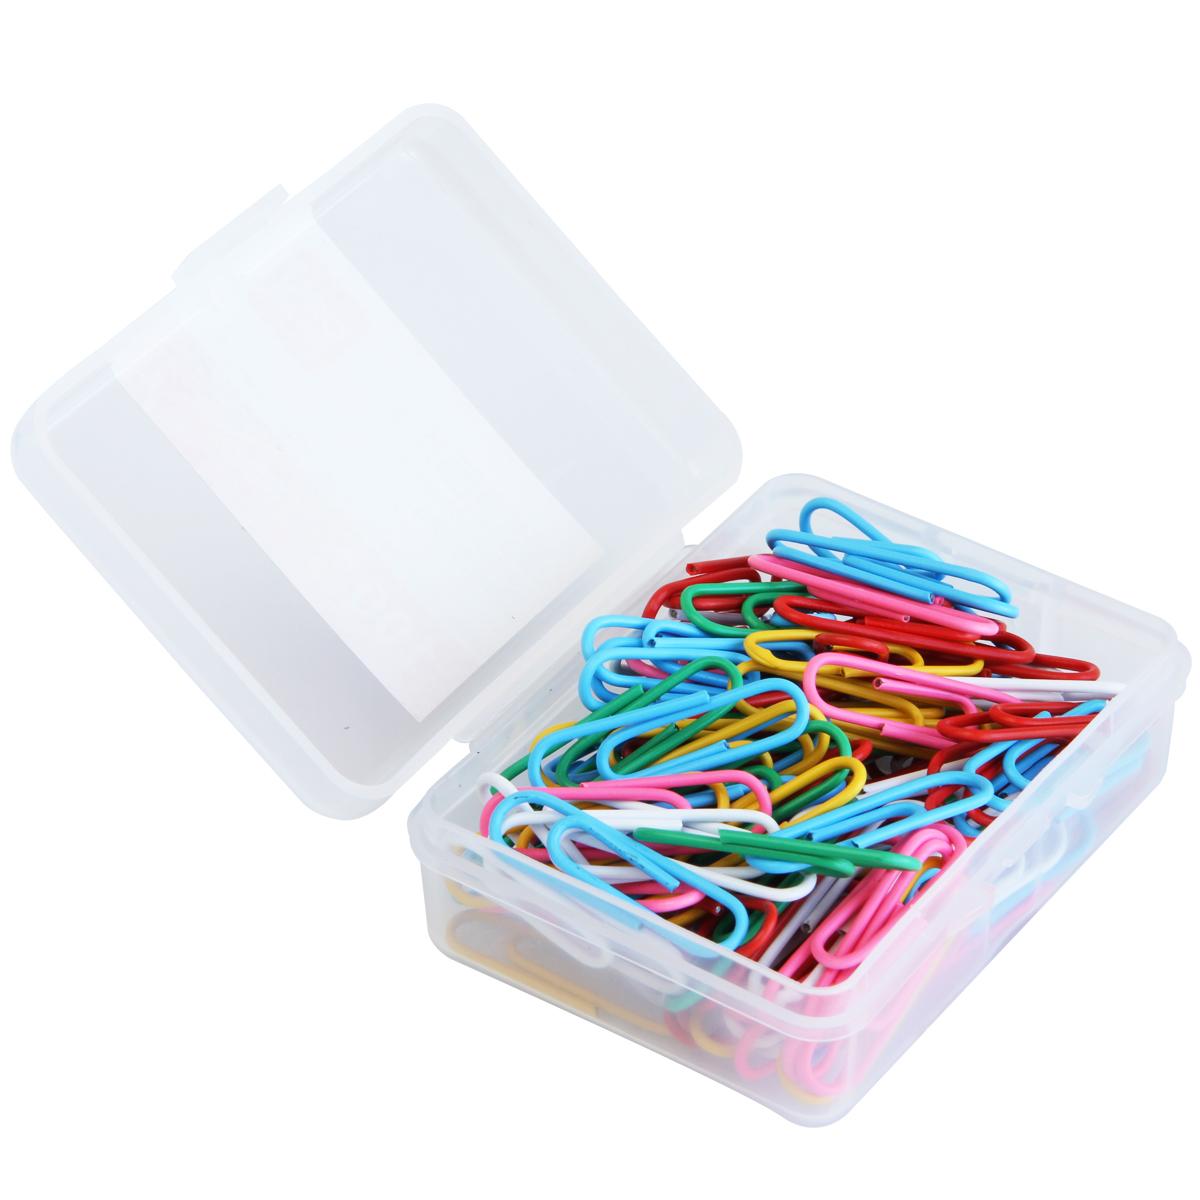 6盒得力0024回形针 彩色办公回行针 分类整理曲别针 塑料盒装